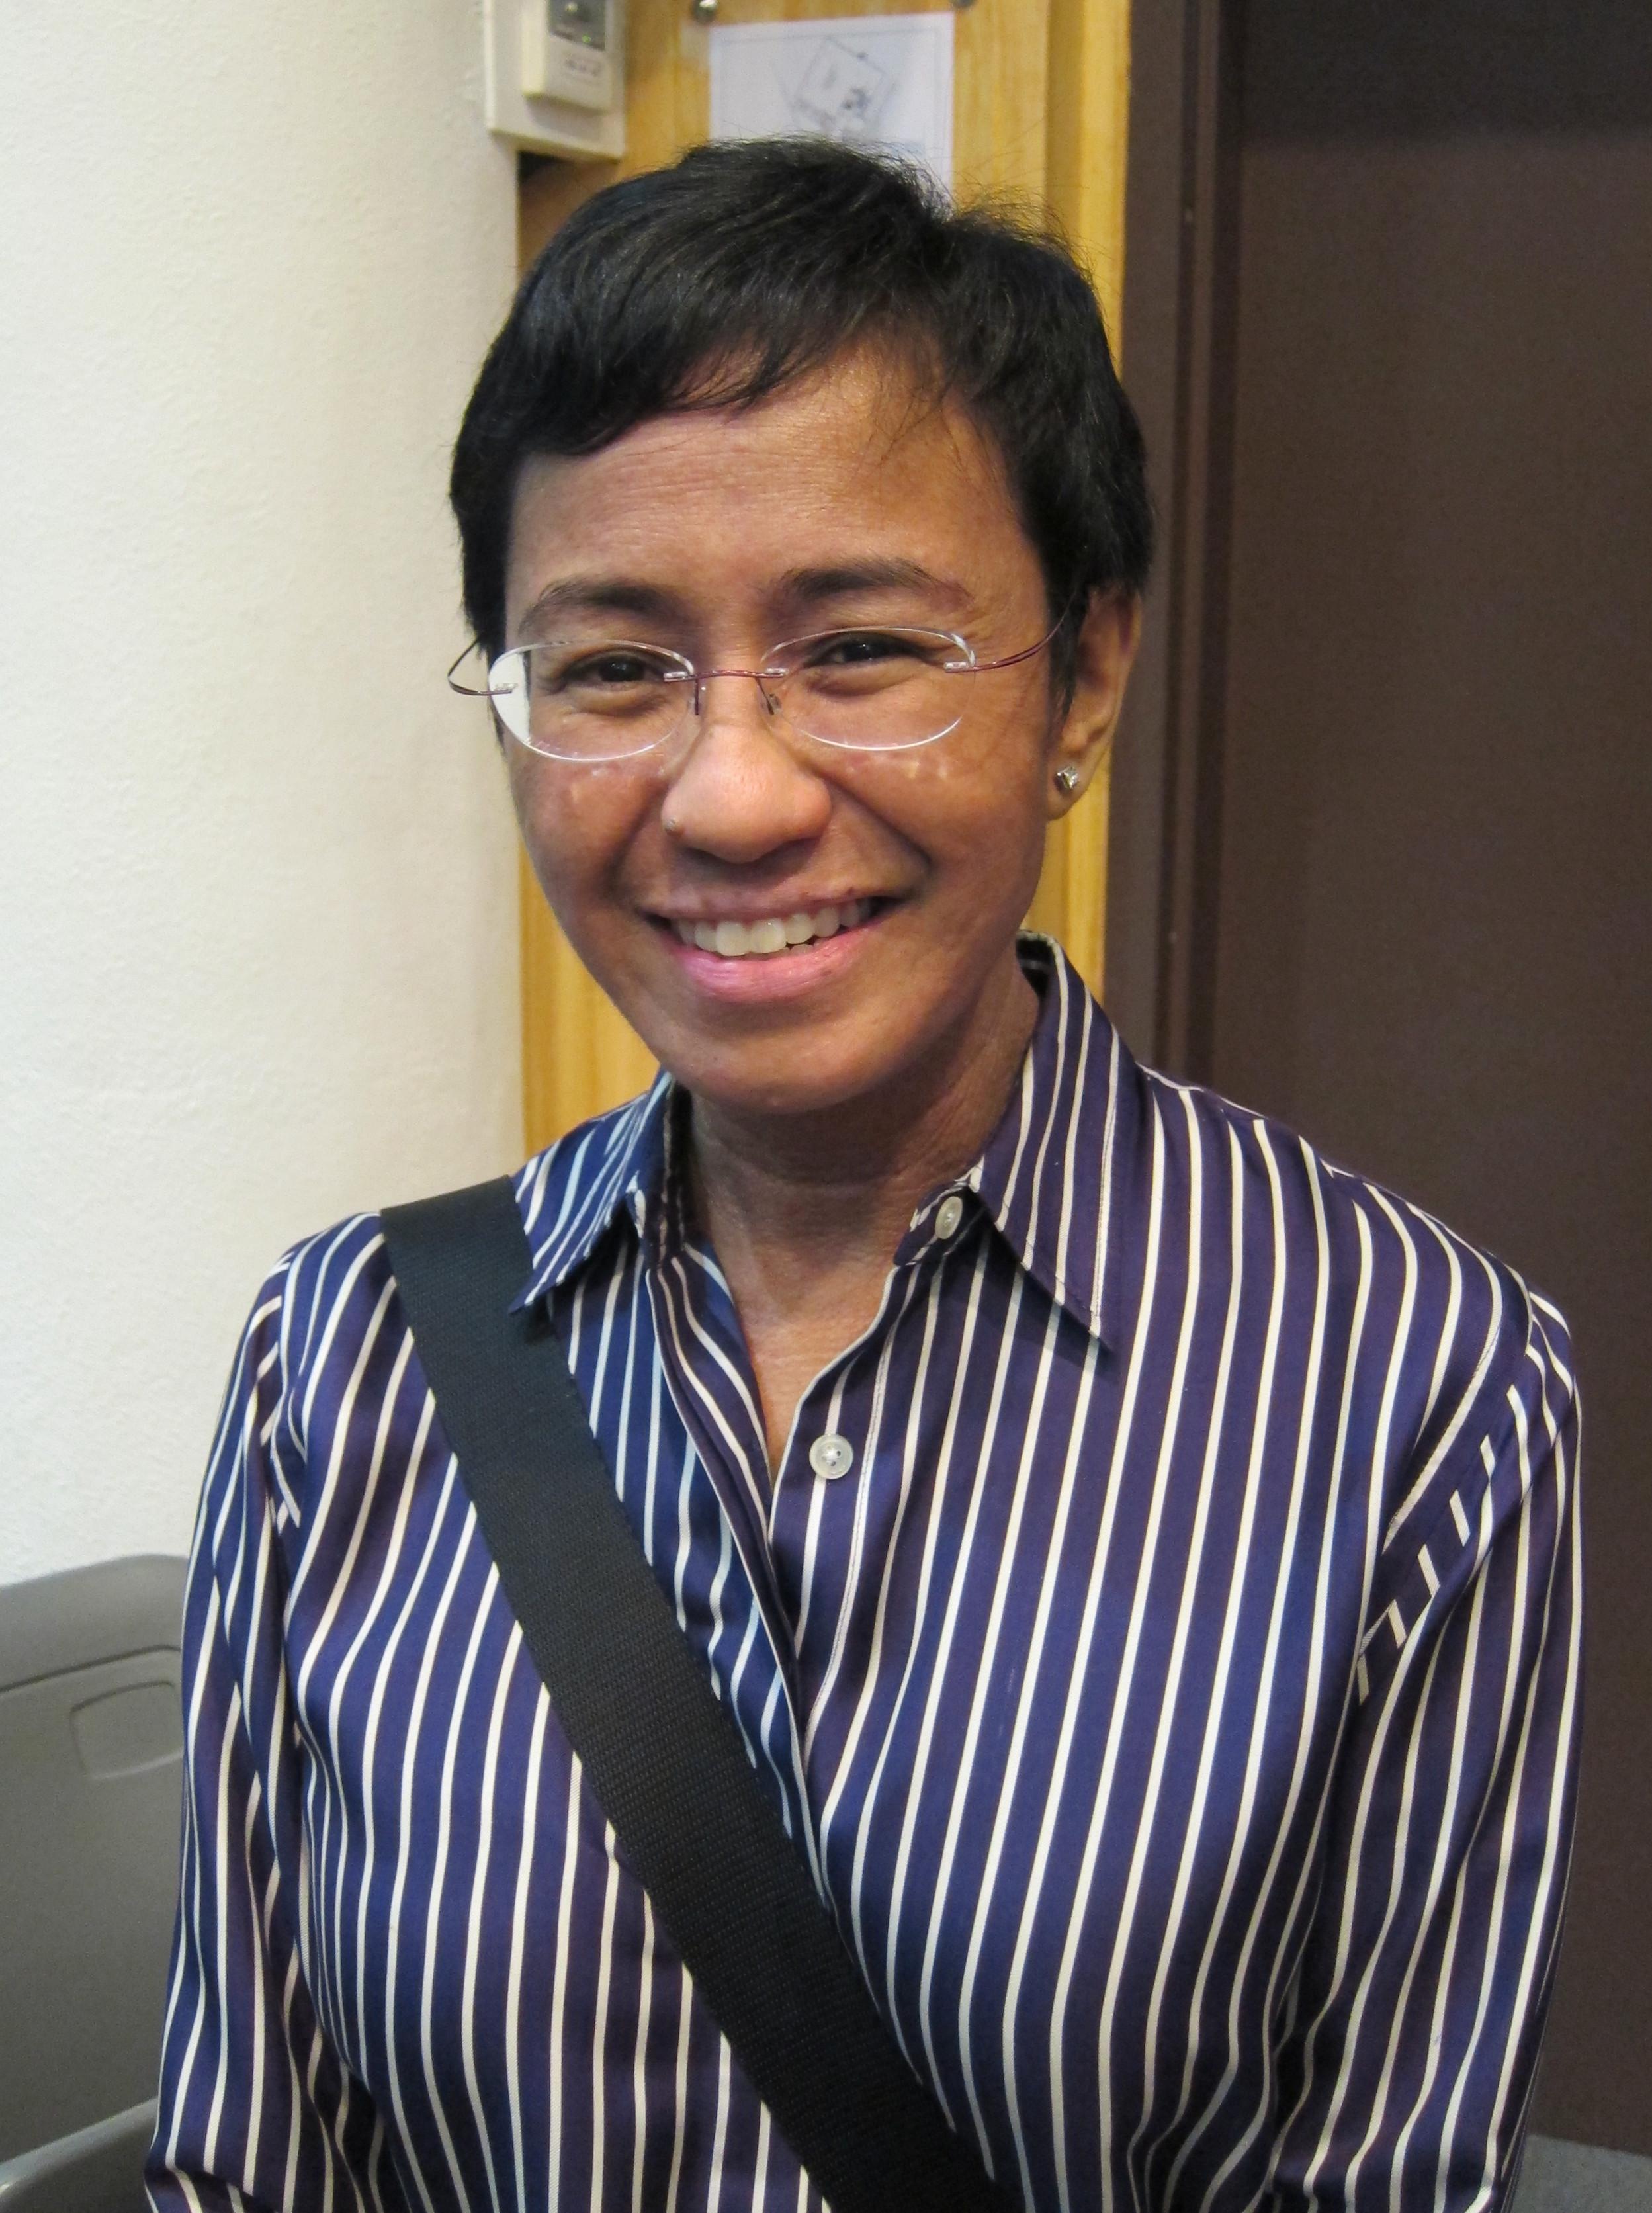 recherche femme philippine